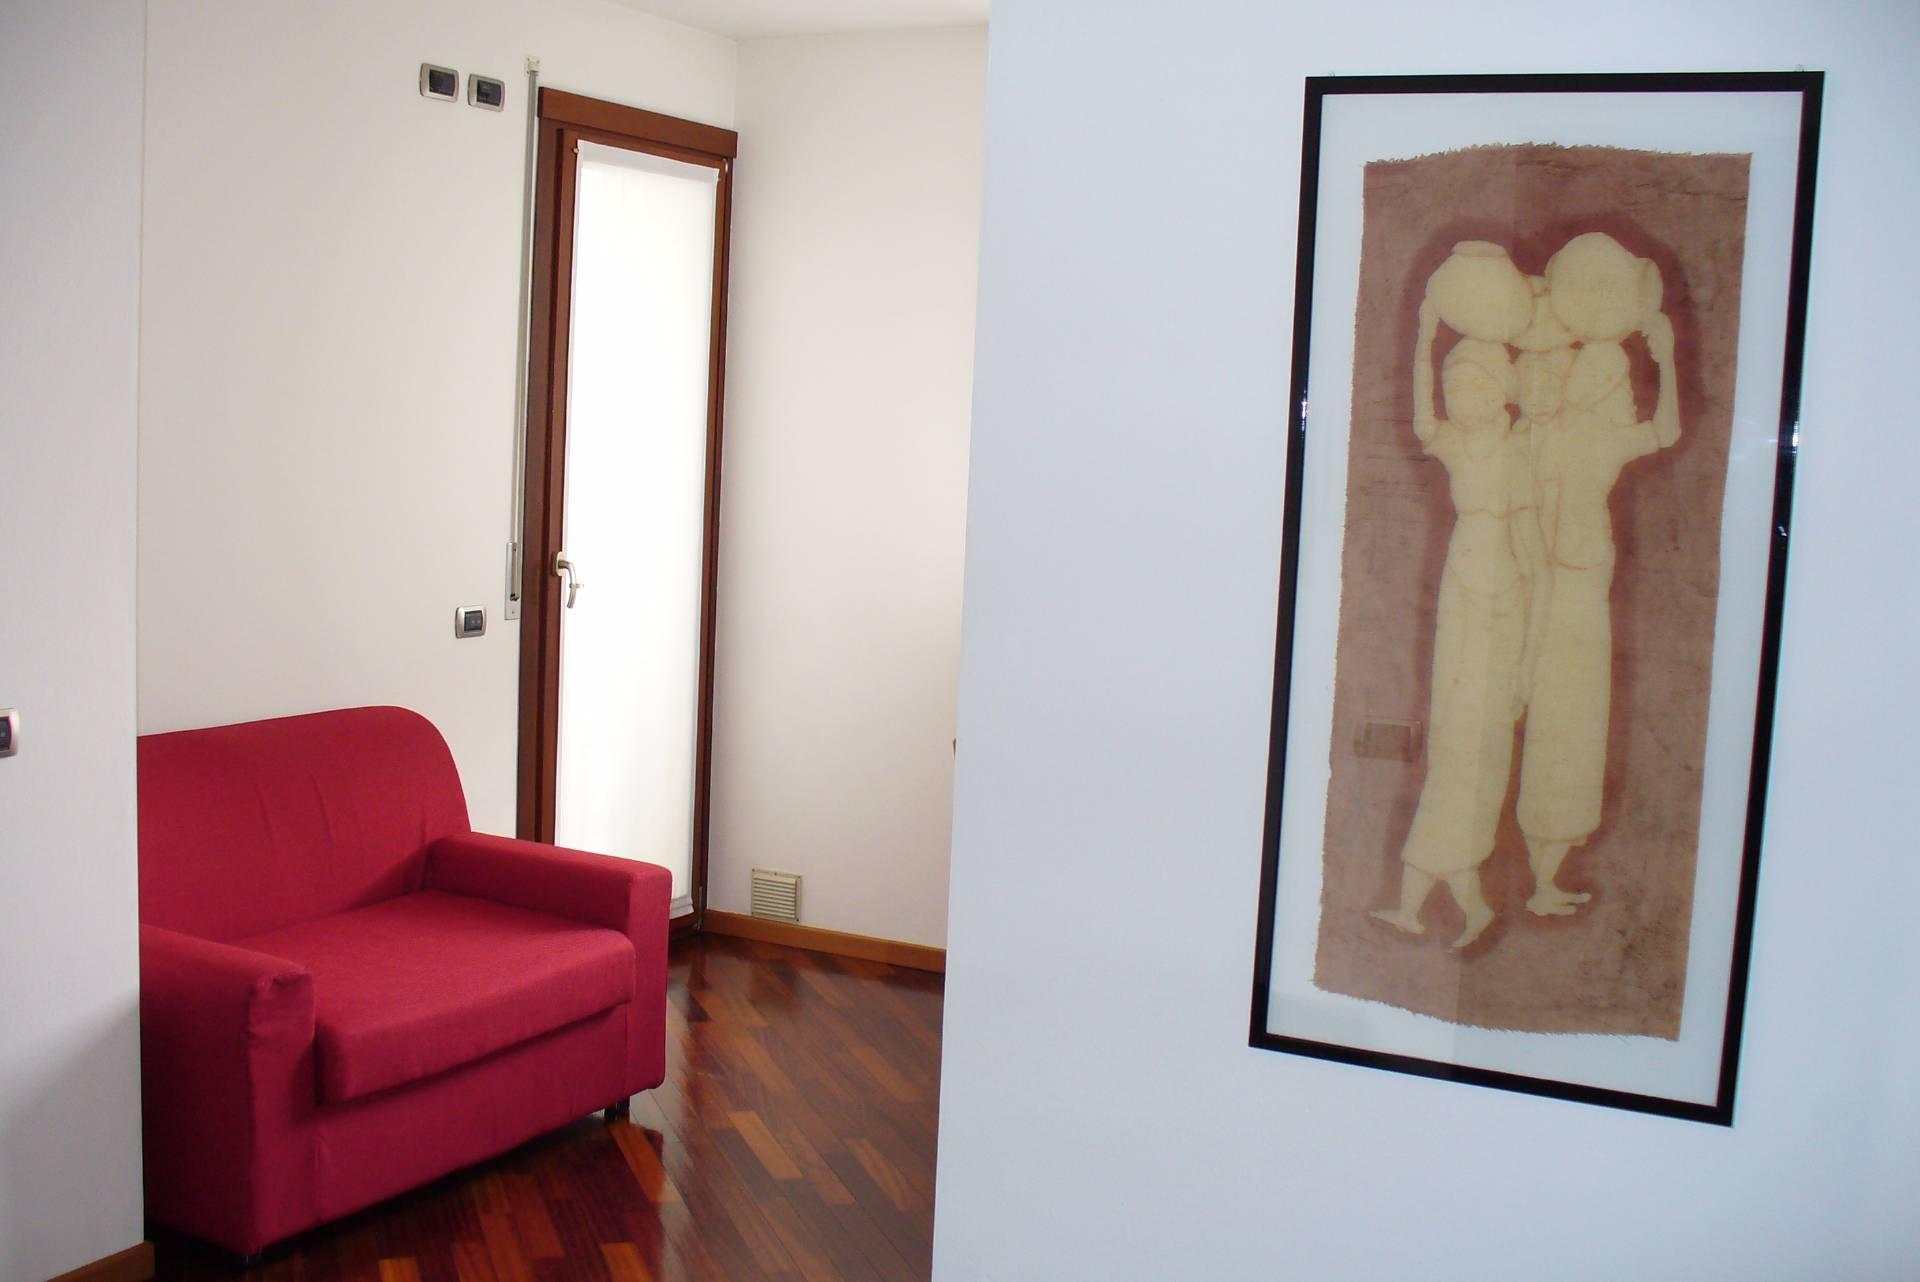 Appartamento in affitto a Conegliano, 3 locali, zona Località: SetteBorghi, prezzo € 450 | Cambio Casa.it